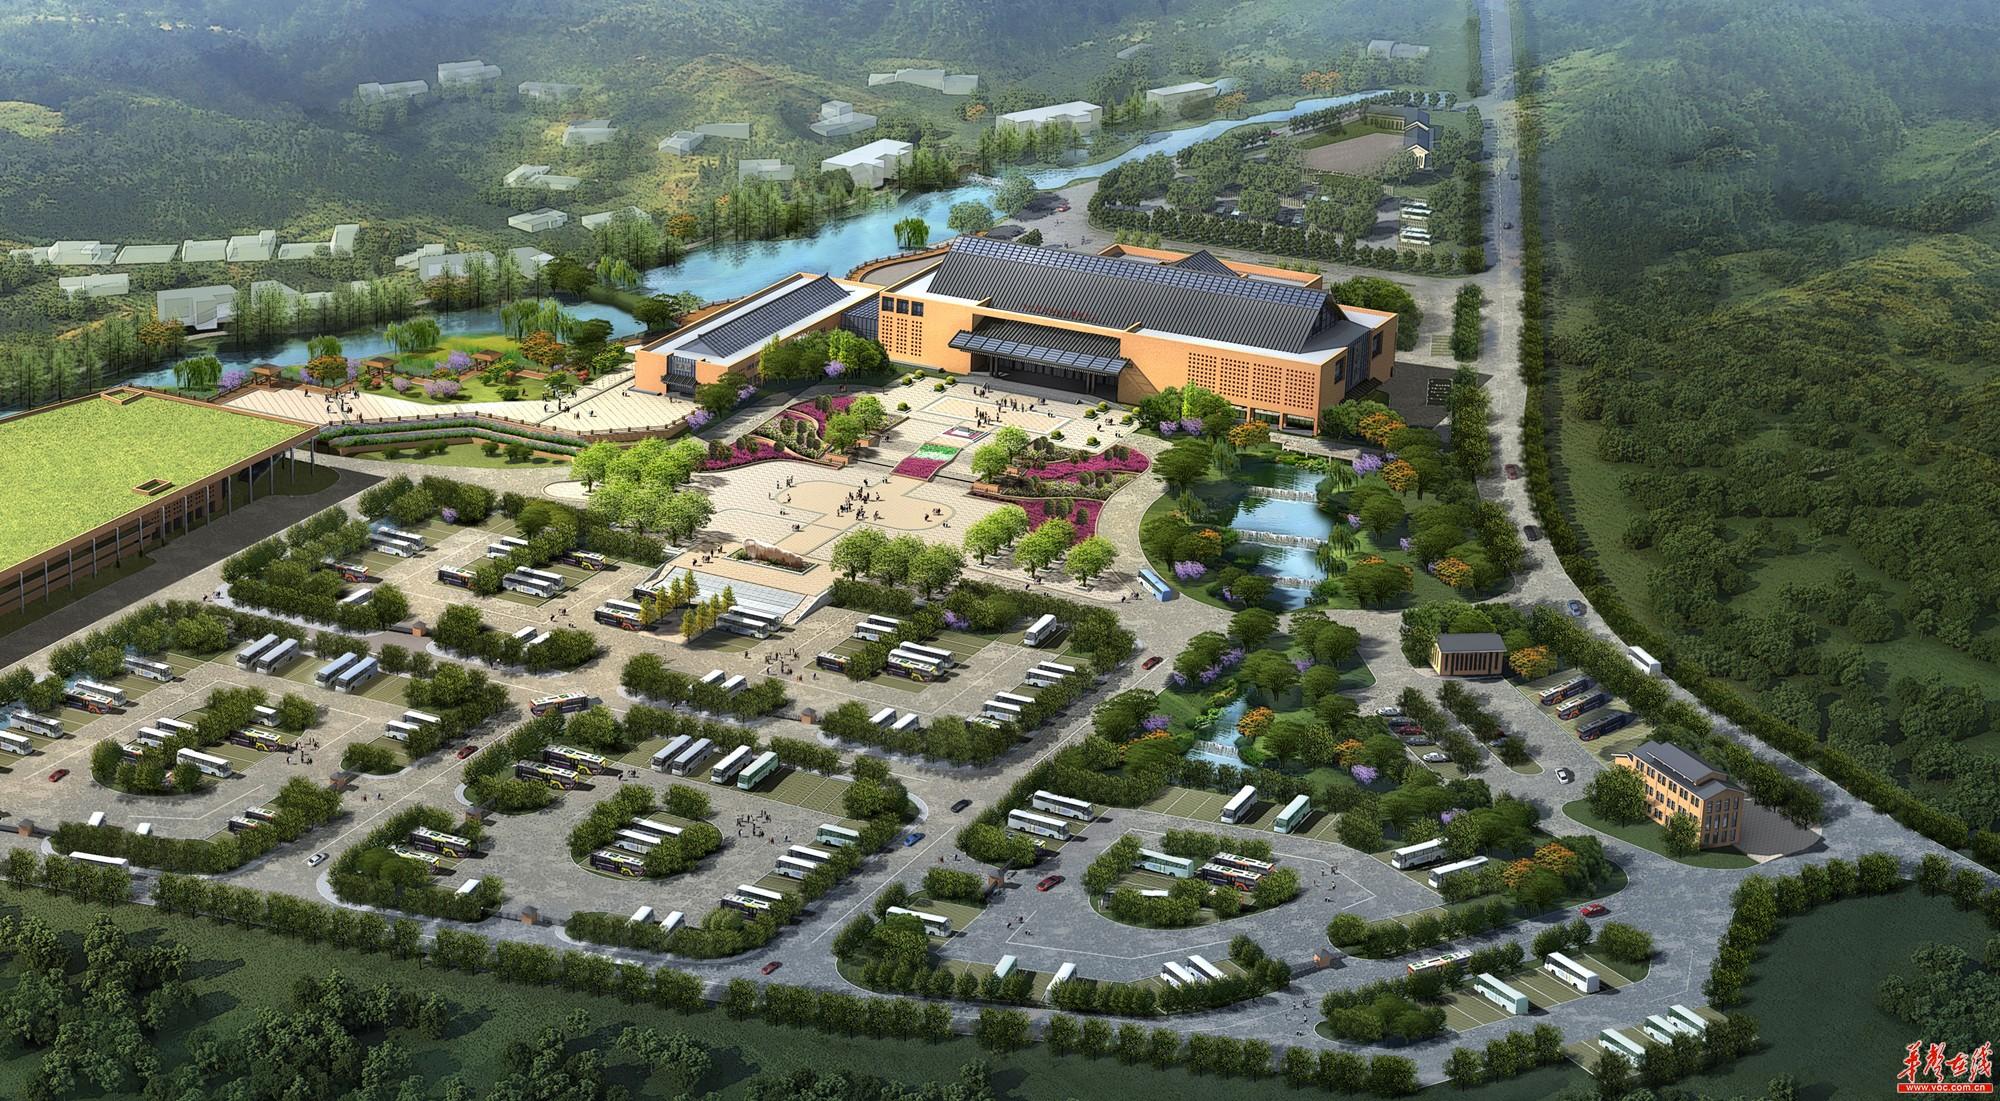 湖南韶山市政府_韶山风景区即将试行交通换乘管理 - 直播湖南 - 湖南在线 - 华声在线